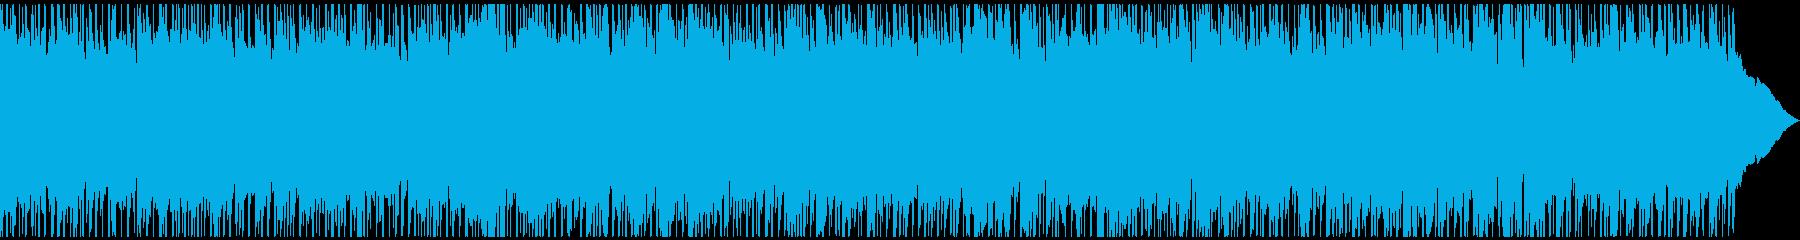 アコギとマリンバによる清涼感溢れるPOPの再生済みの波形